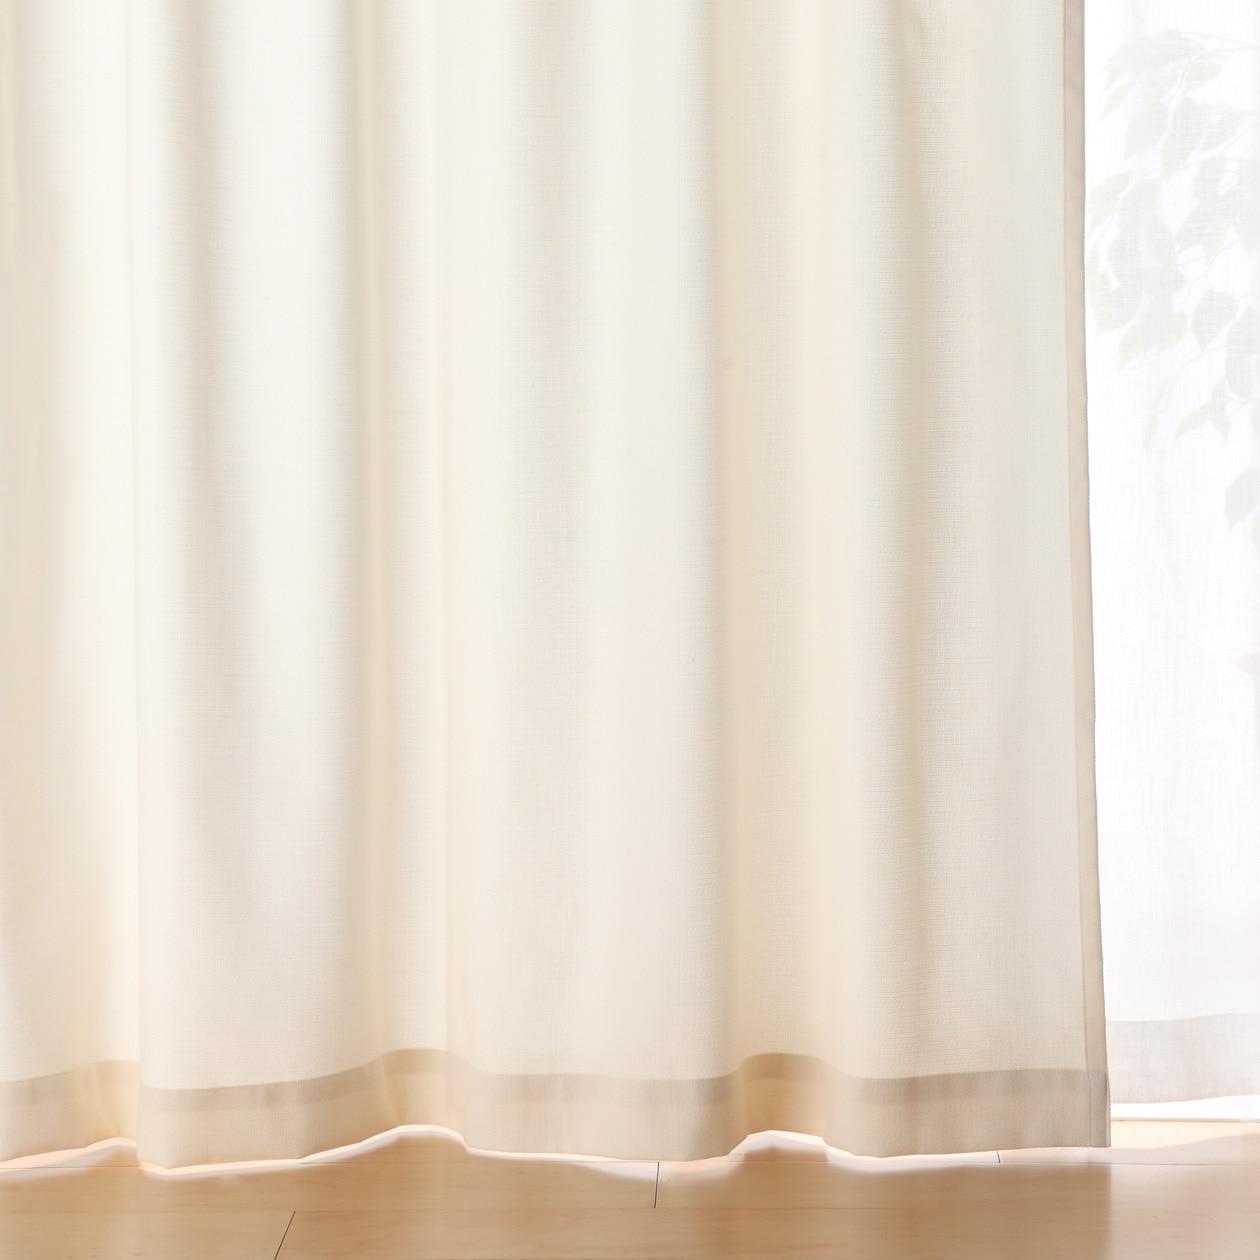 ポリエステル綿変り織プリーツカーテン/ベージュ 幅100×丈200cm/生成